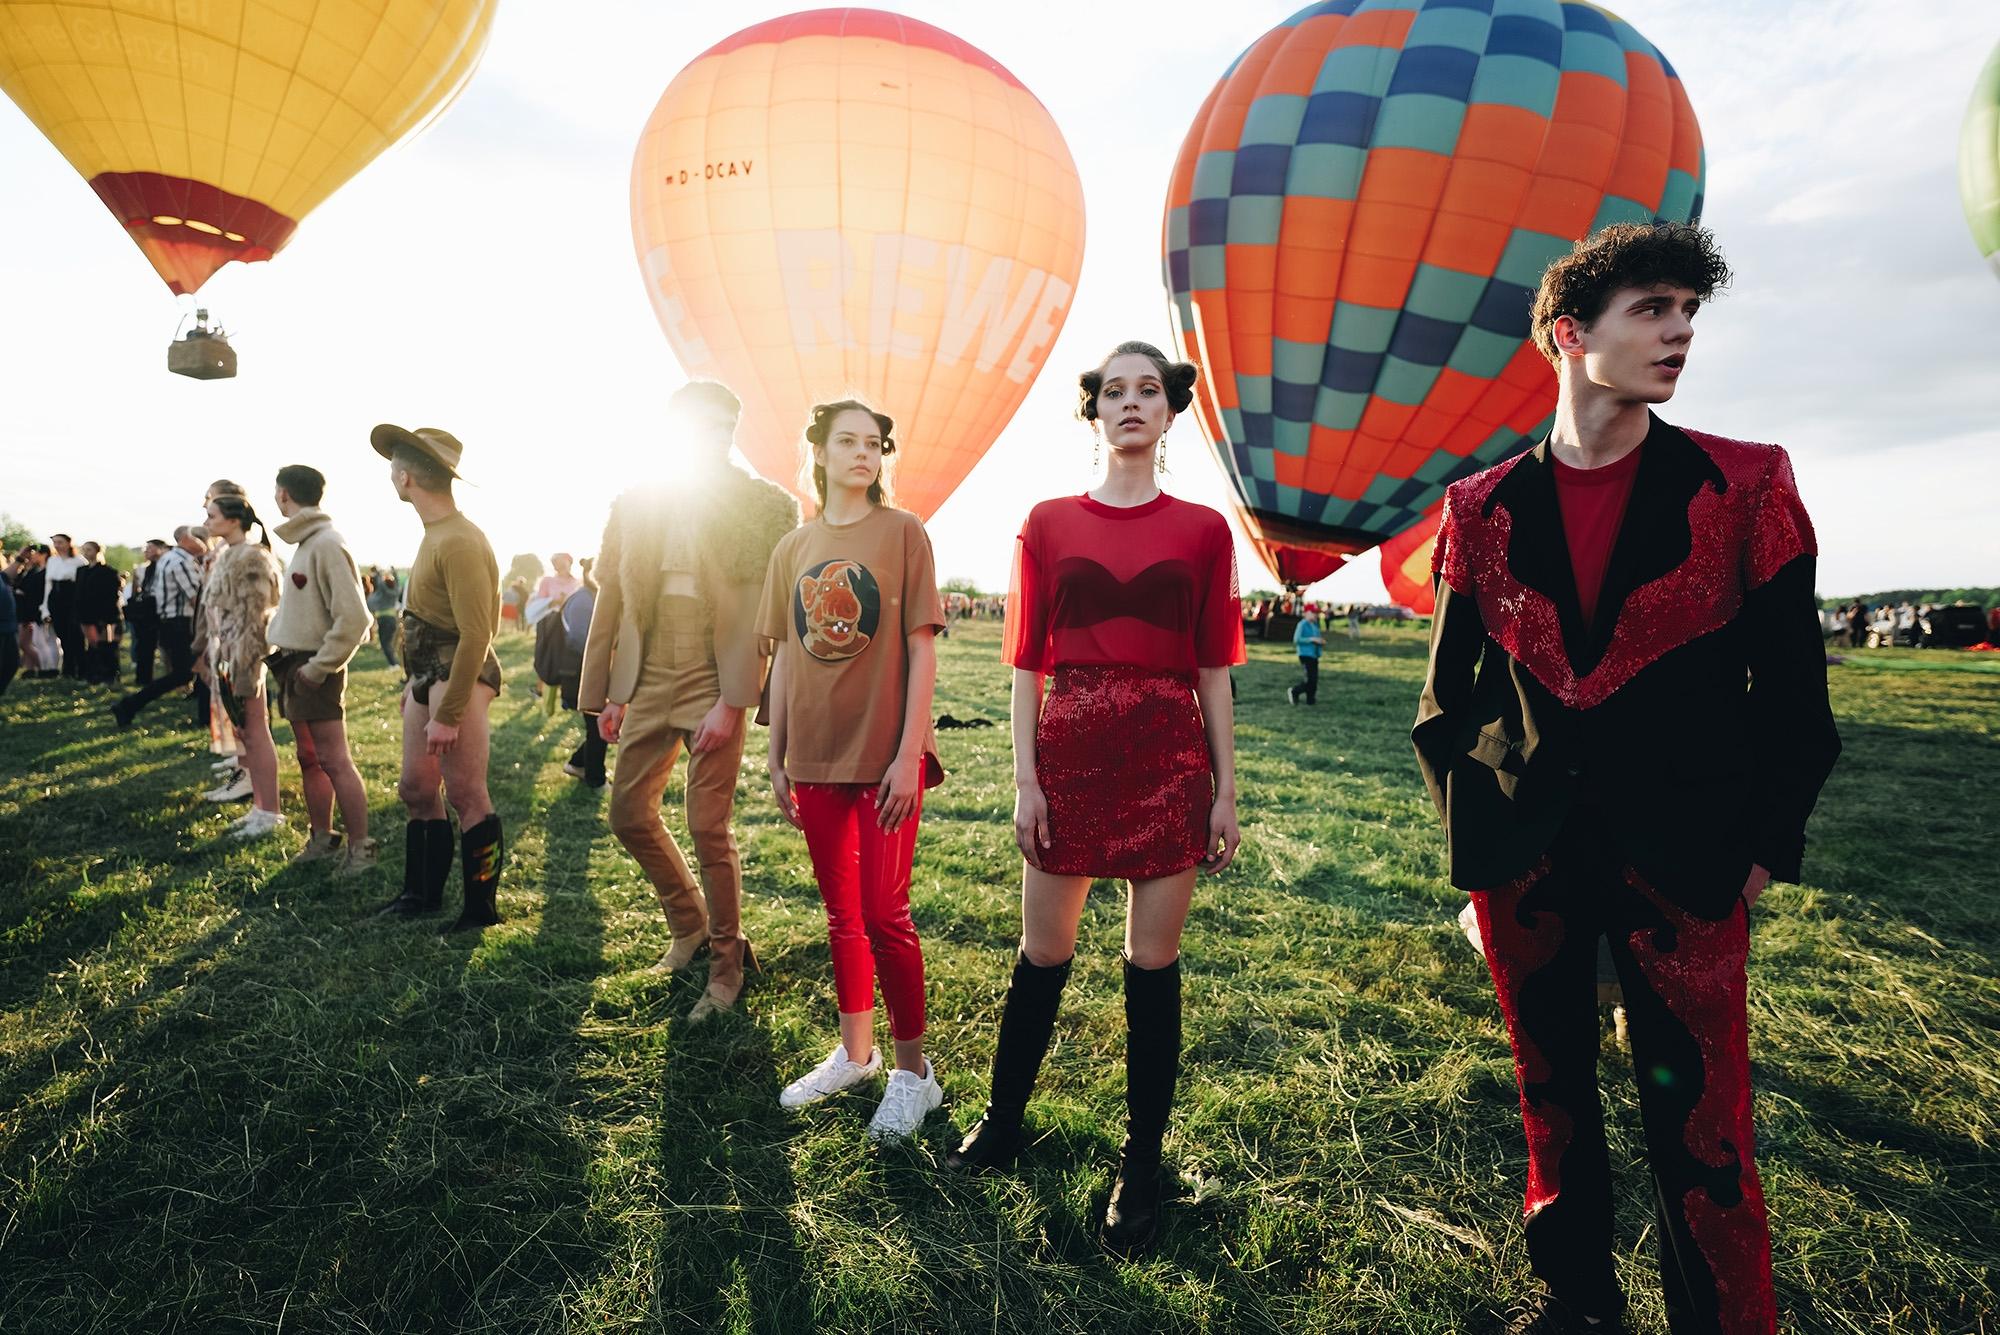 Украинский дизайнер Жан Грицфельдт представил новую коллекцию на фестивале воздушных шаров (ФОТО) - фото №2